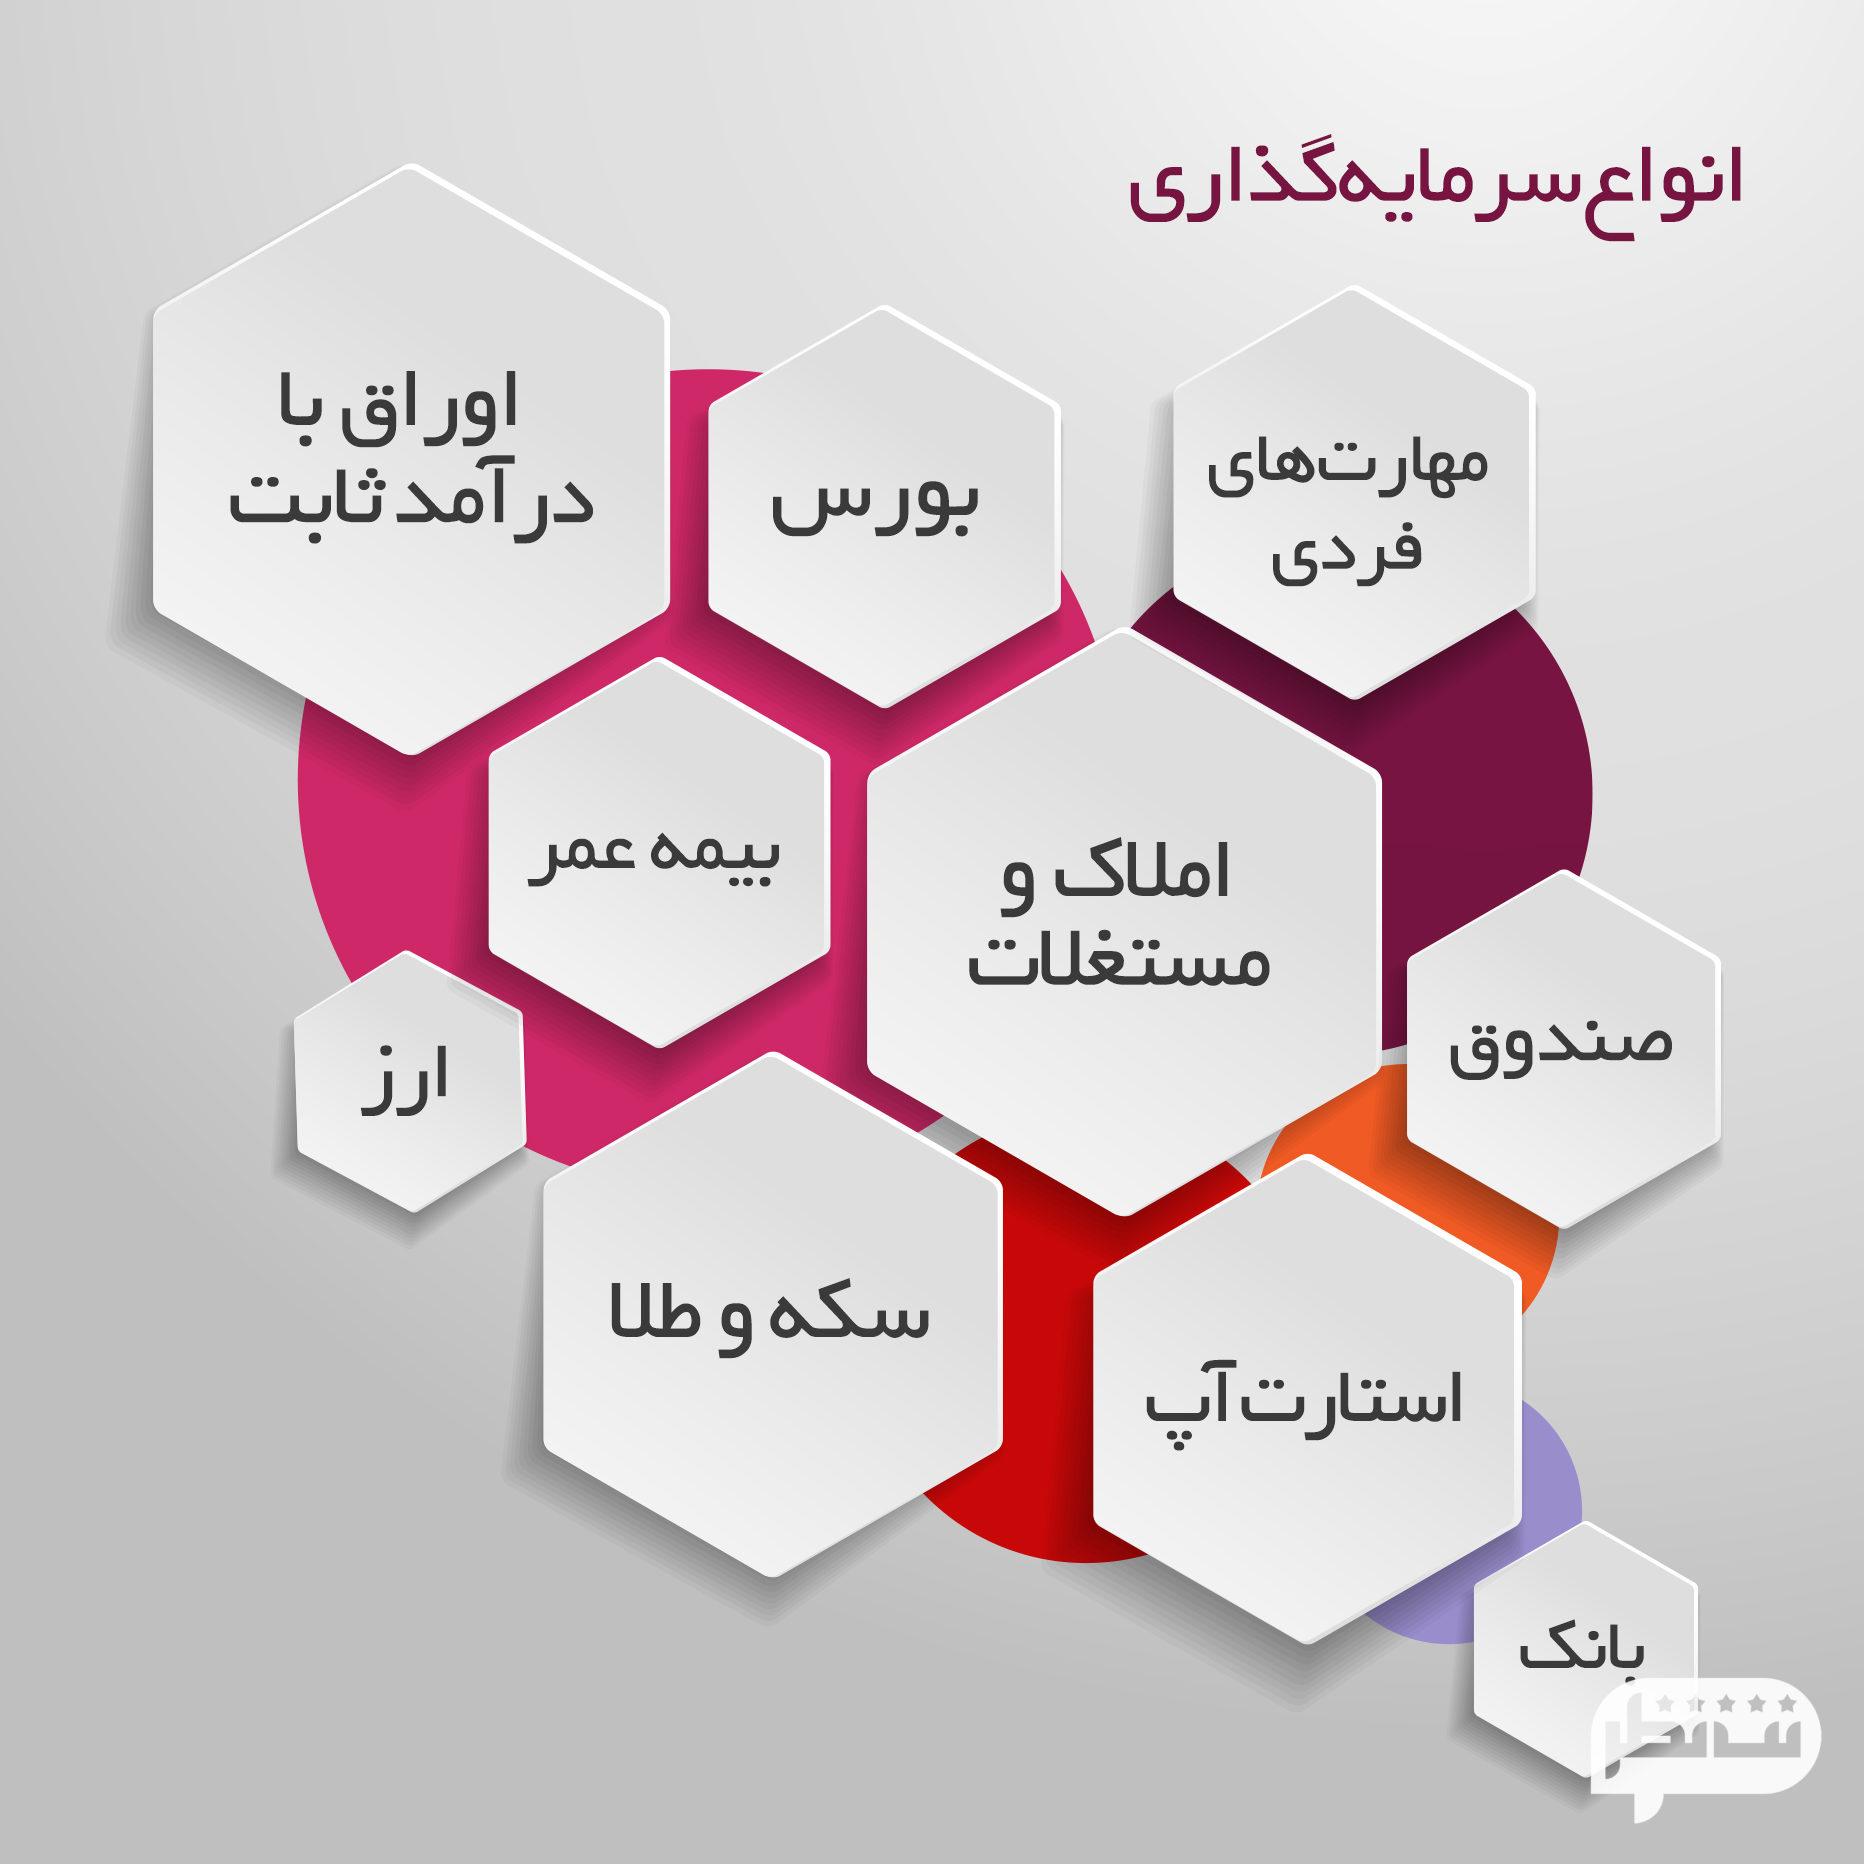 بهترین سرمایه گذاری در سال 2020 در ایران